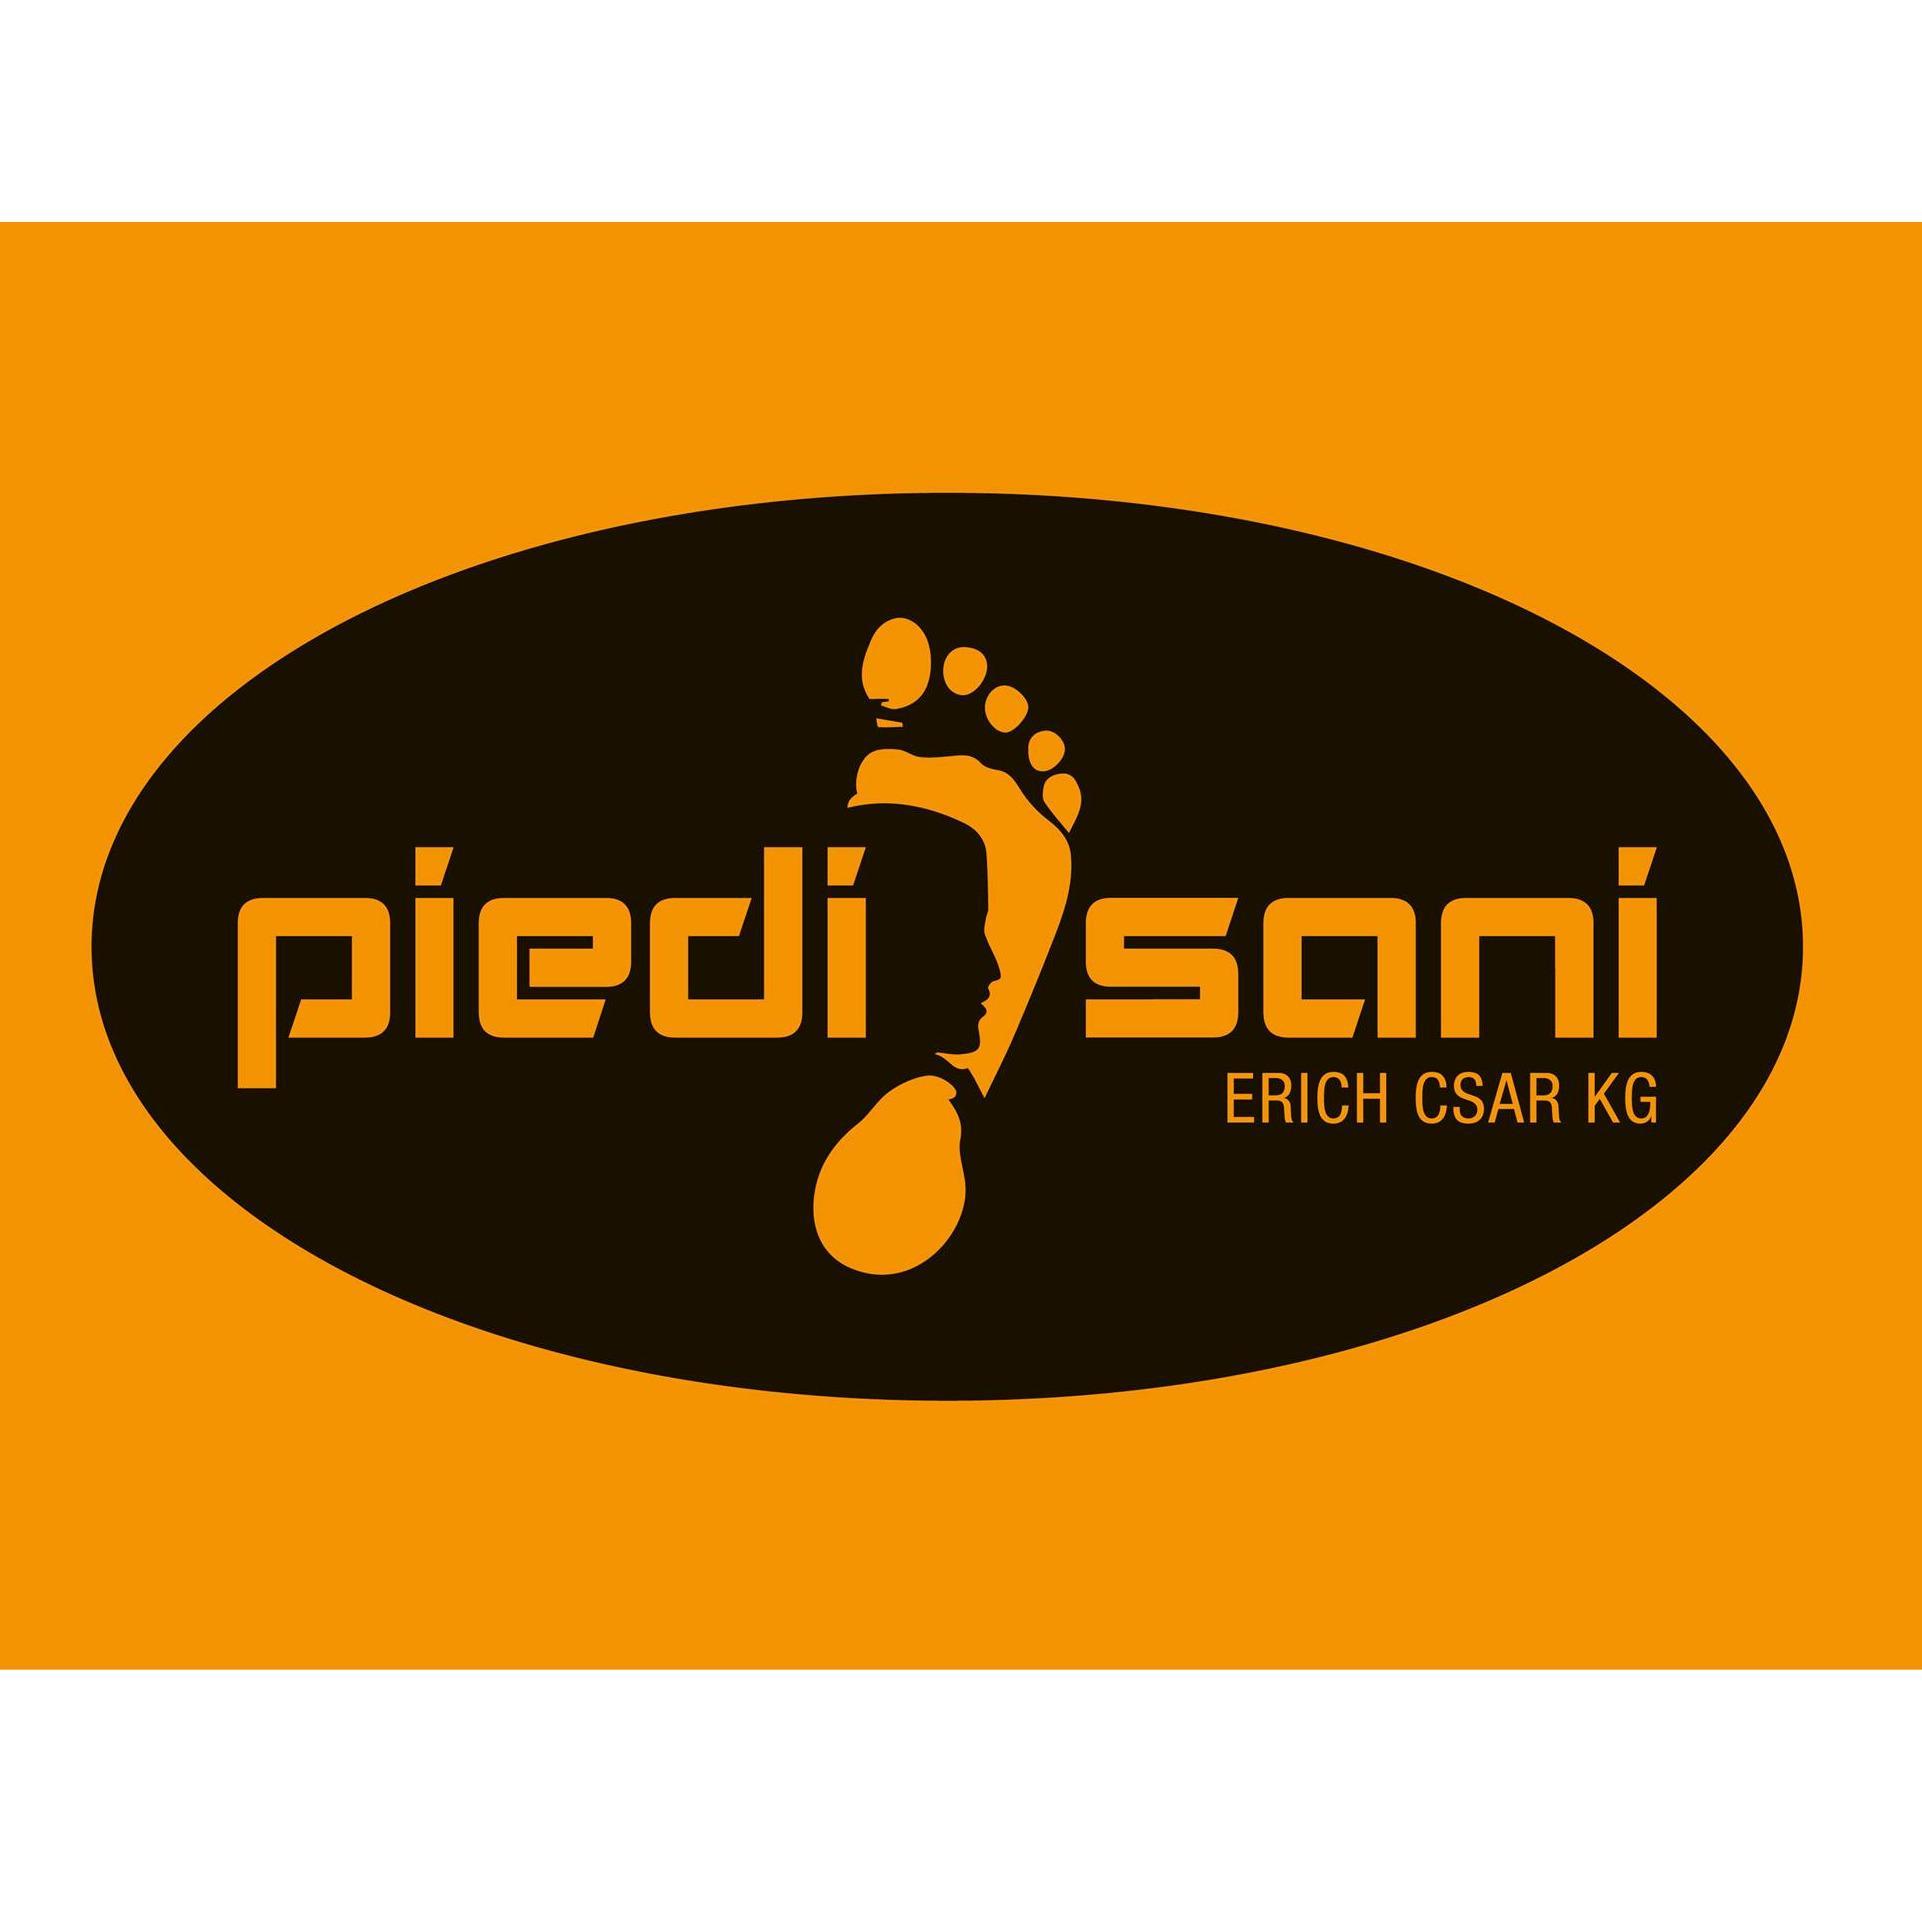 Piedi Sani - Erich Csar KG Orthopädie + Schuhtechnik in 8280 Fürstenfeld - Logo